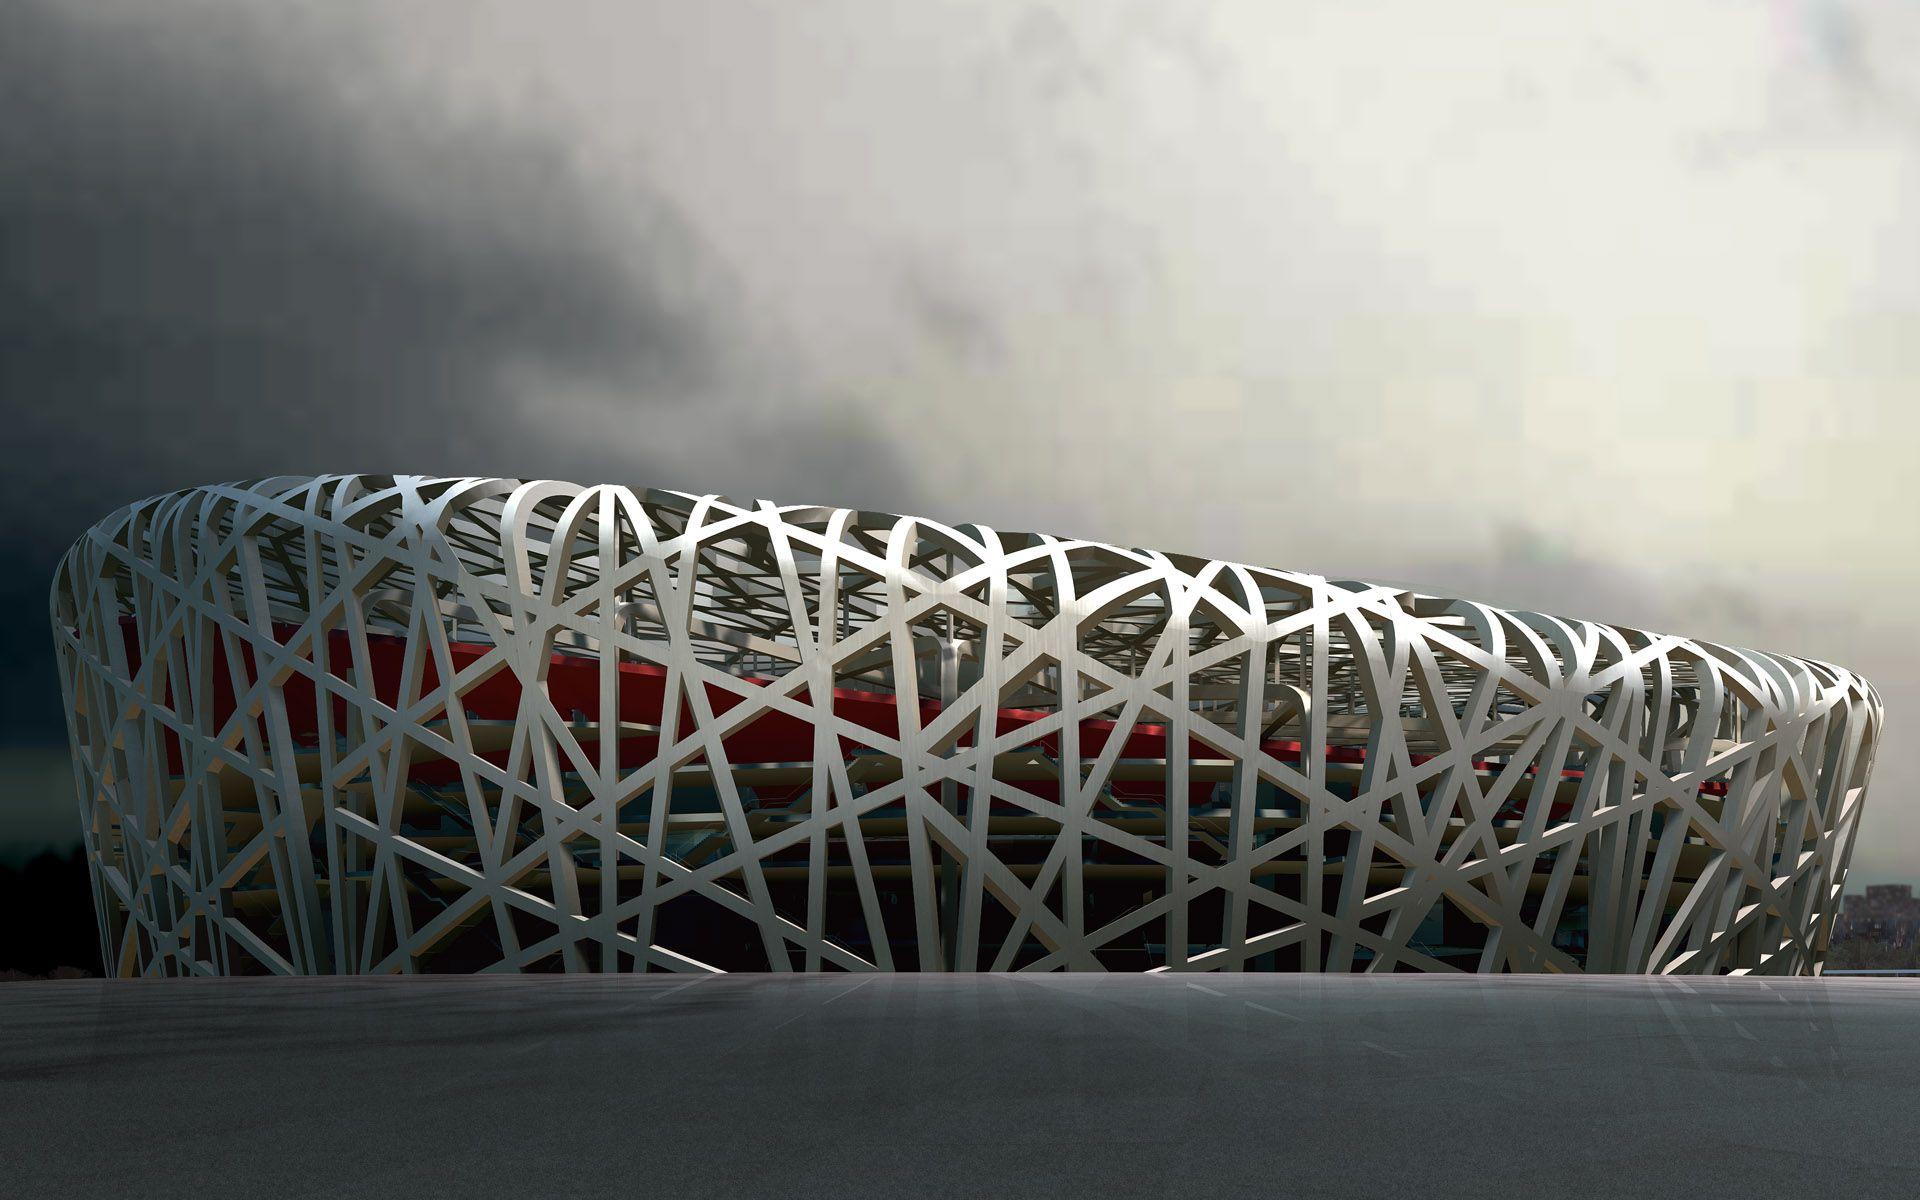 China Beijing photo manipulation Birds Nest Stadium wallpaper